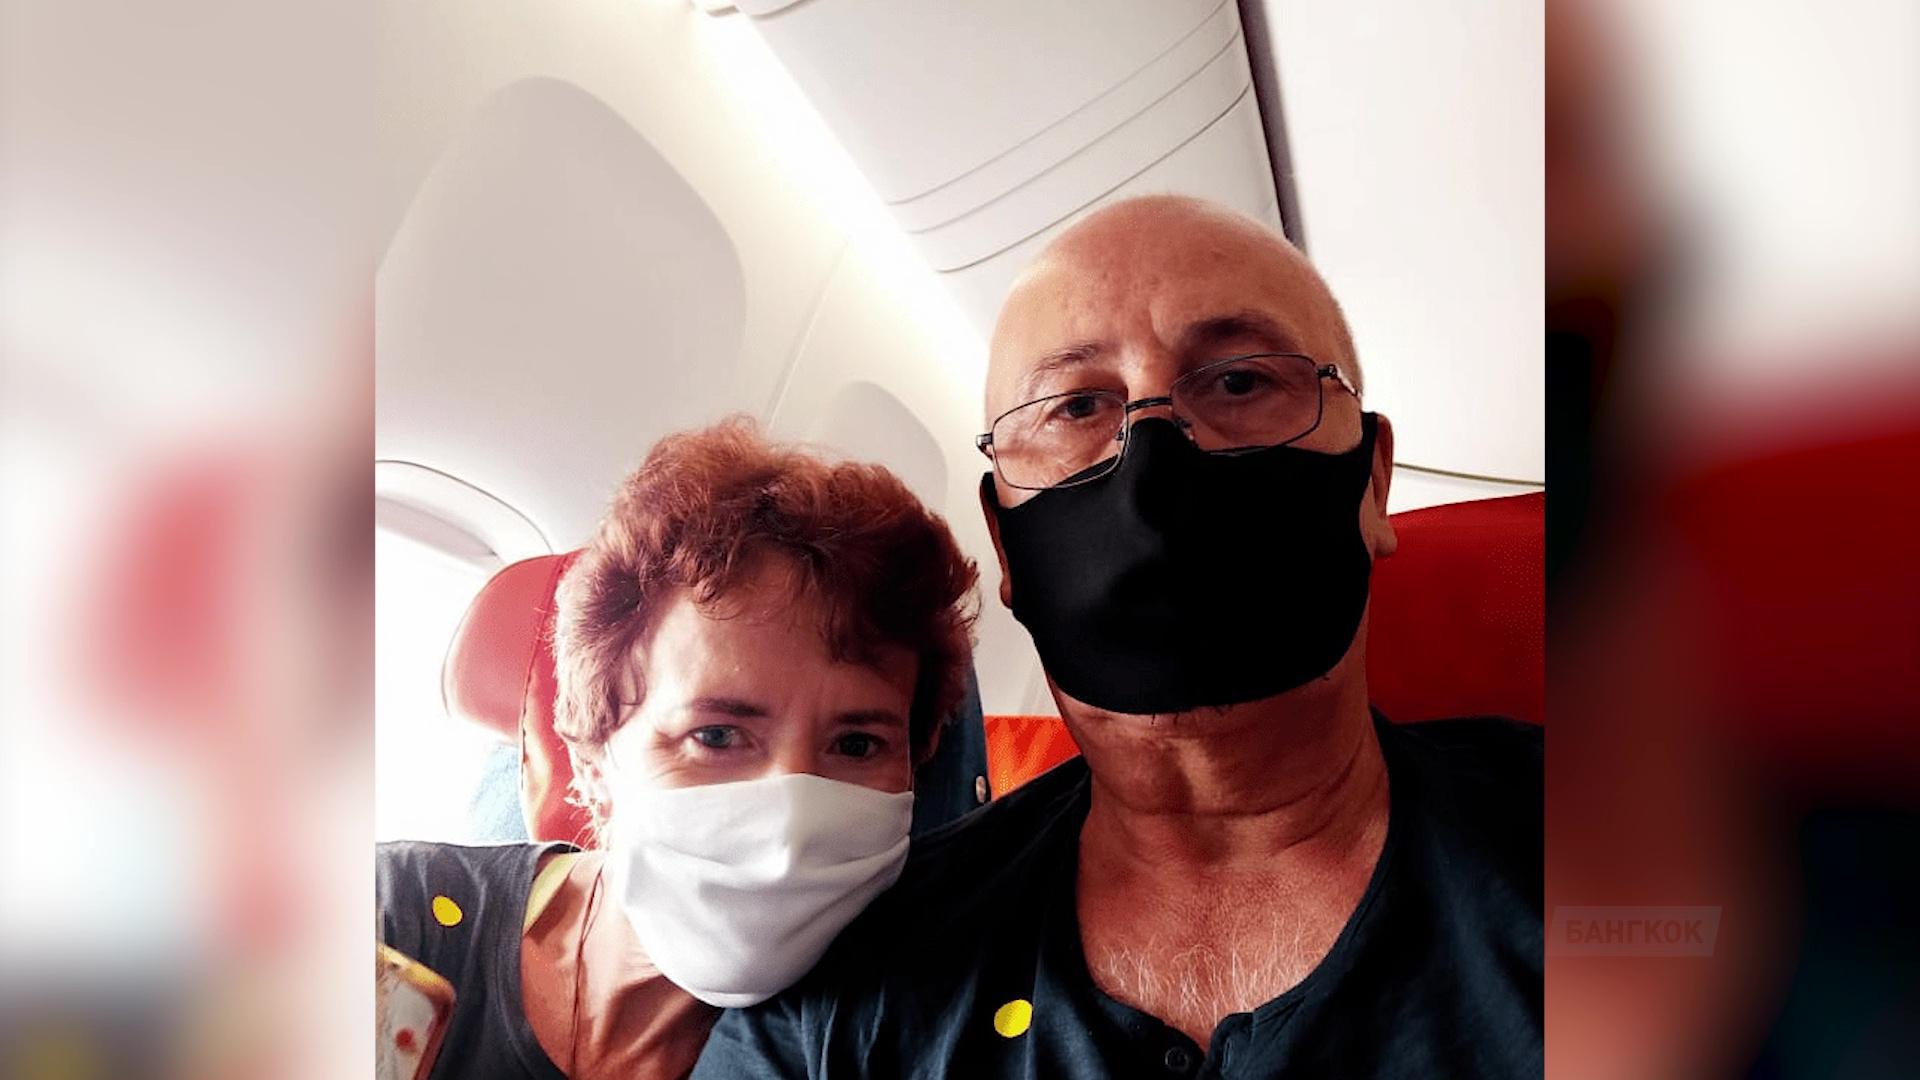 За полторы недели из-за границы удалось вернуть домой 48 ярославцев, задержавшихся из-за коронавируса